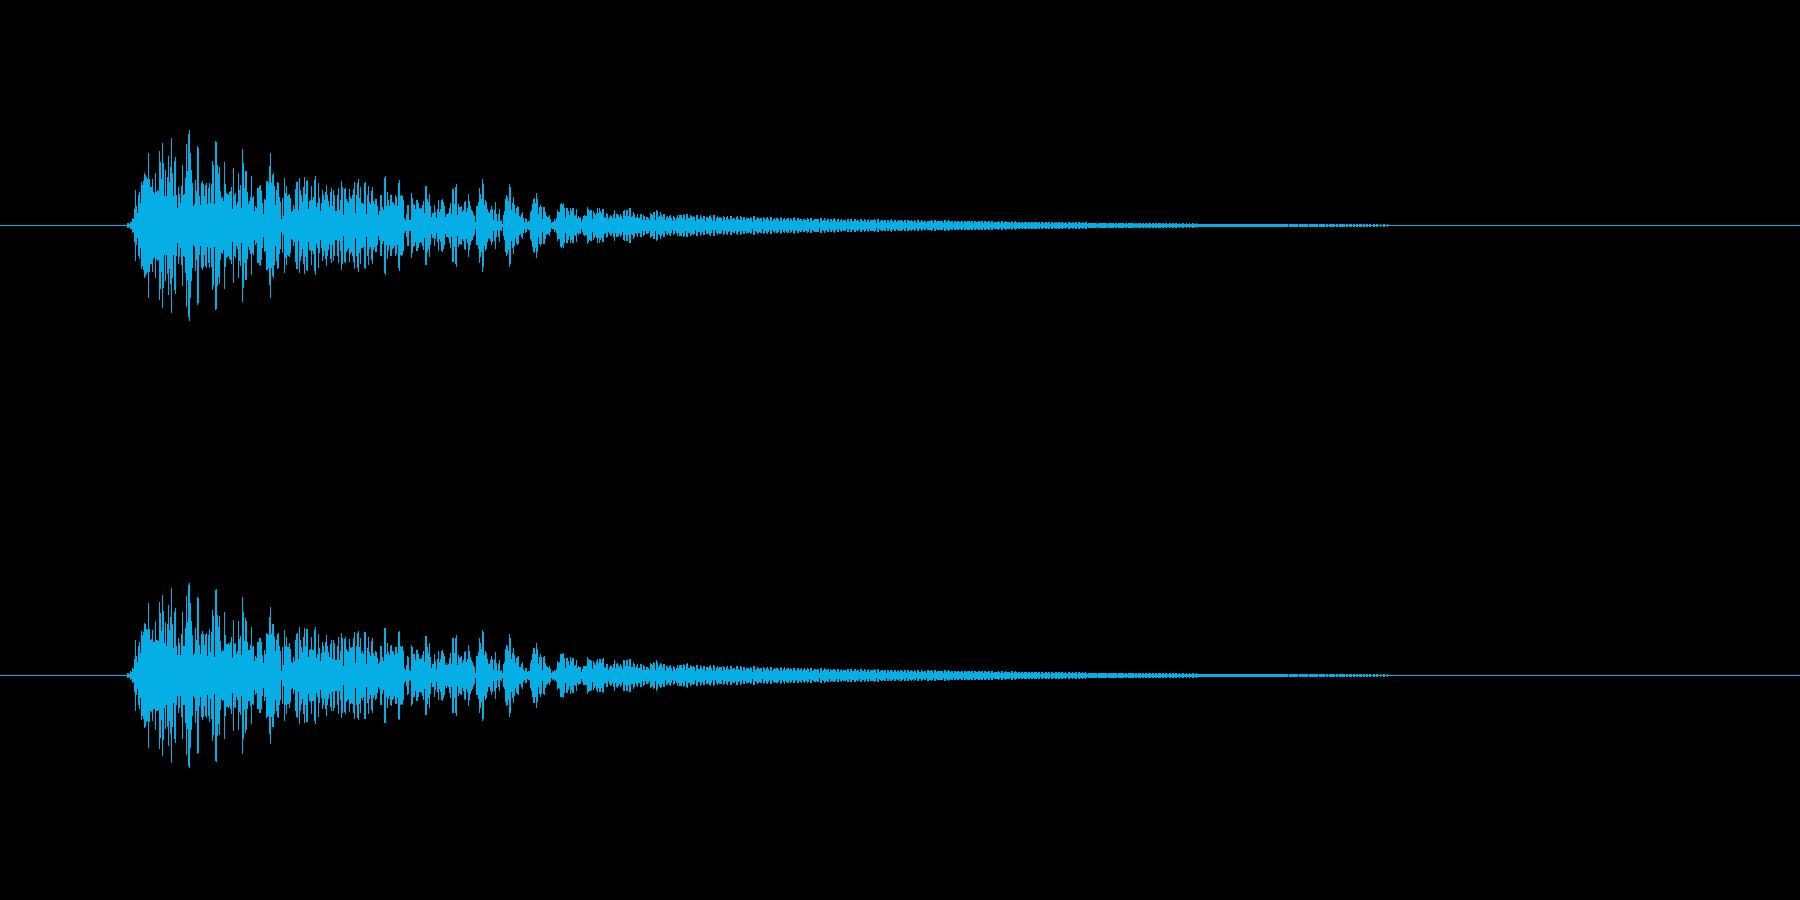 【ネガティブ09-3】の再生済みの波形